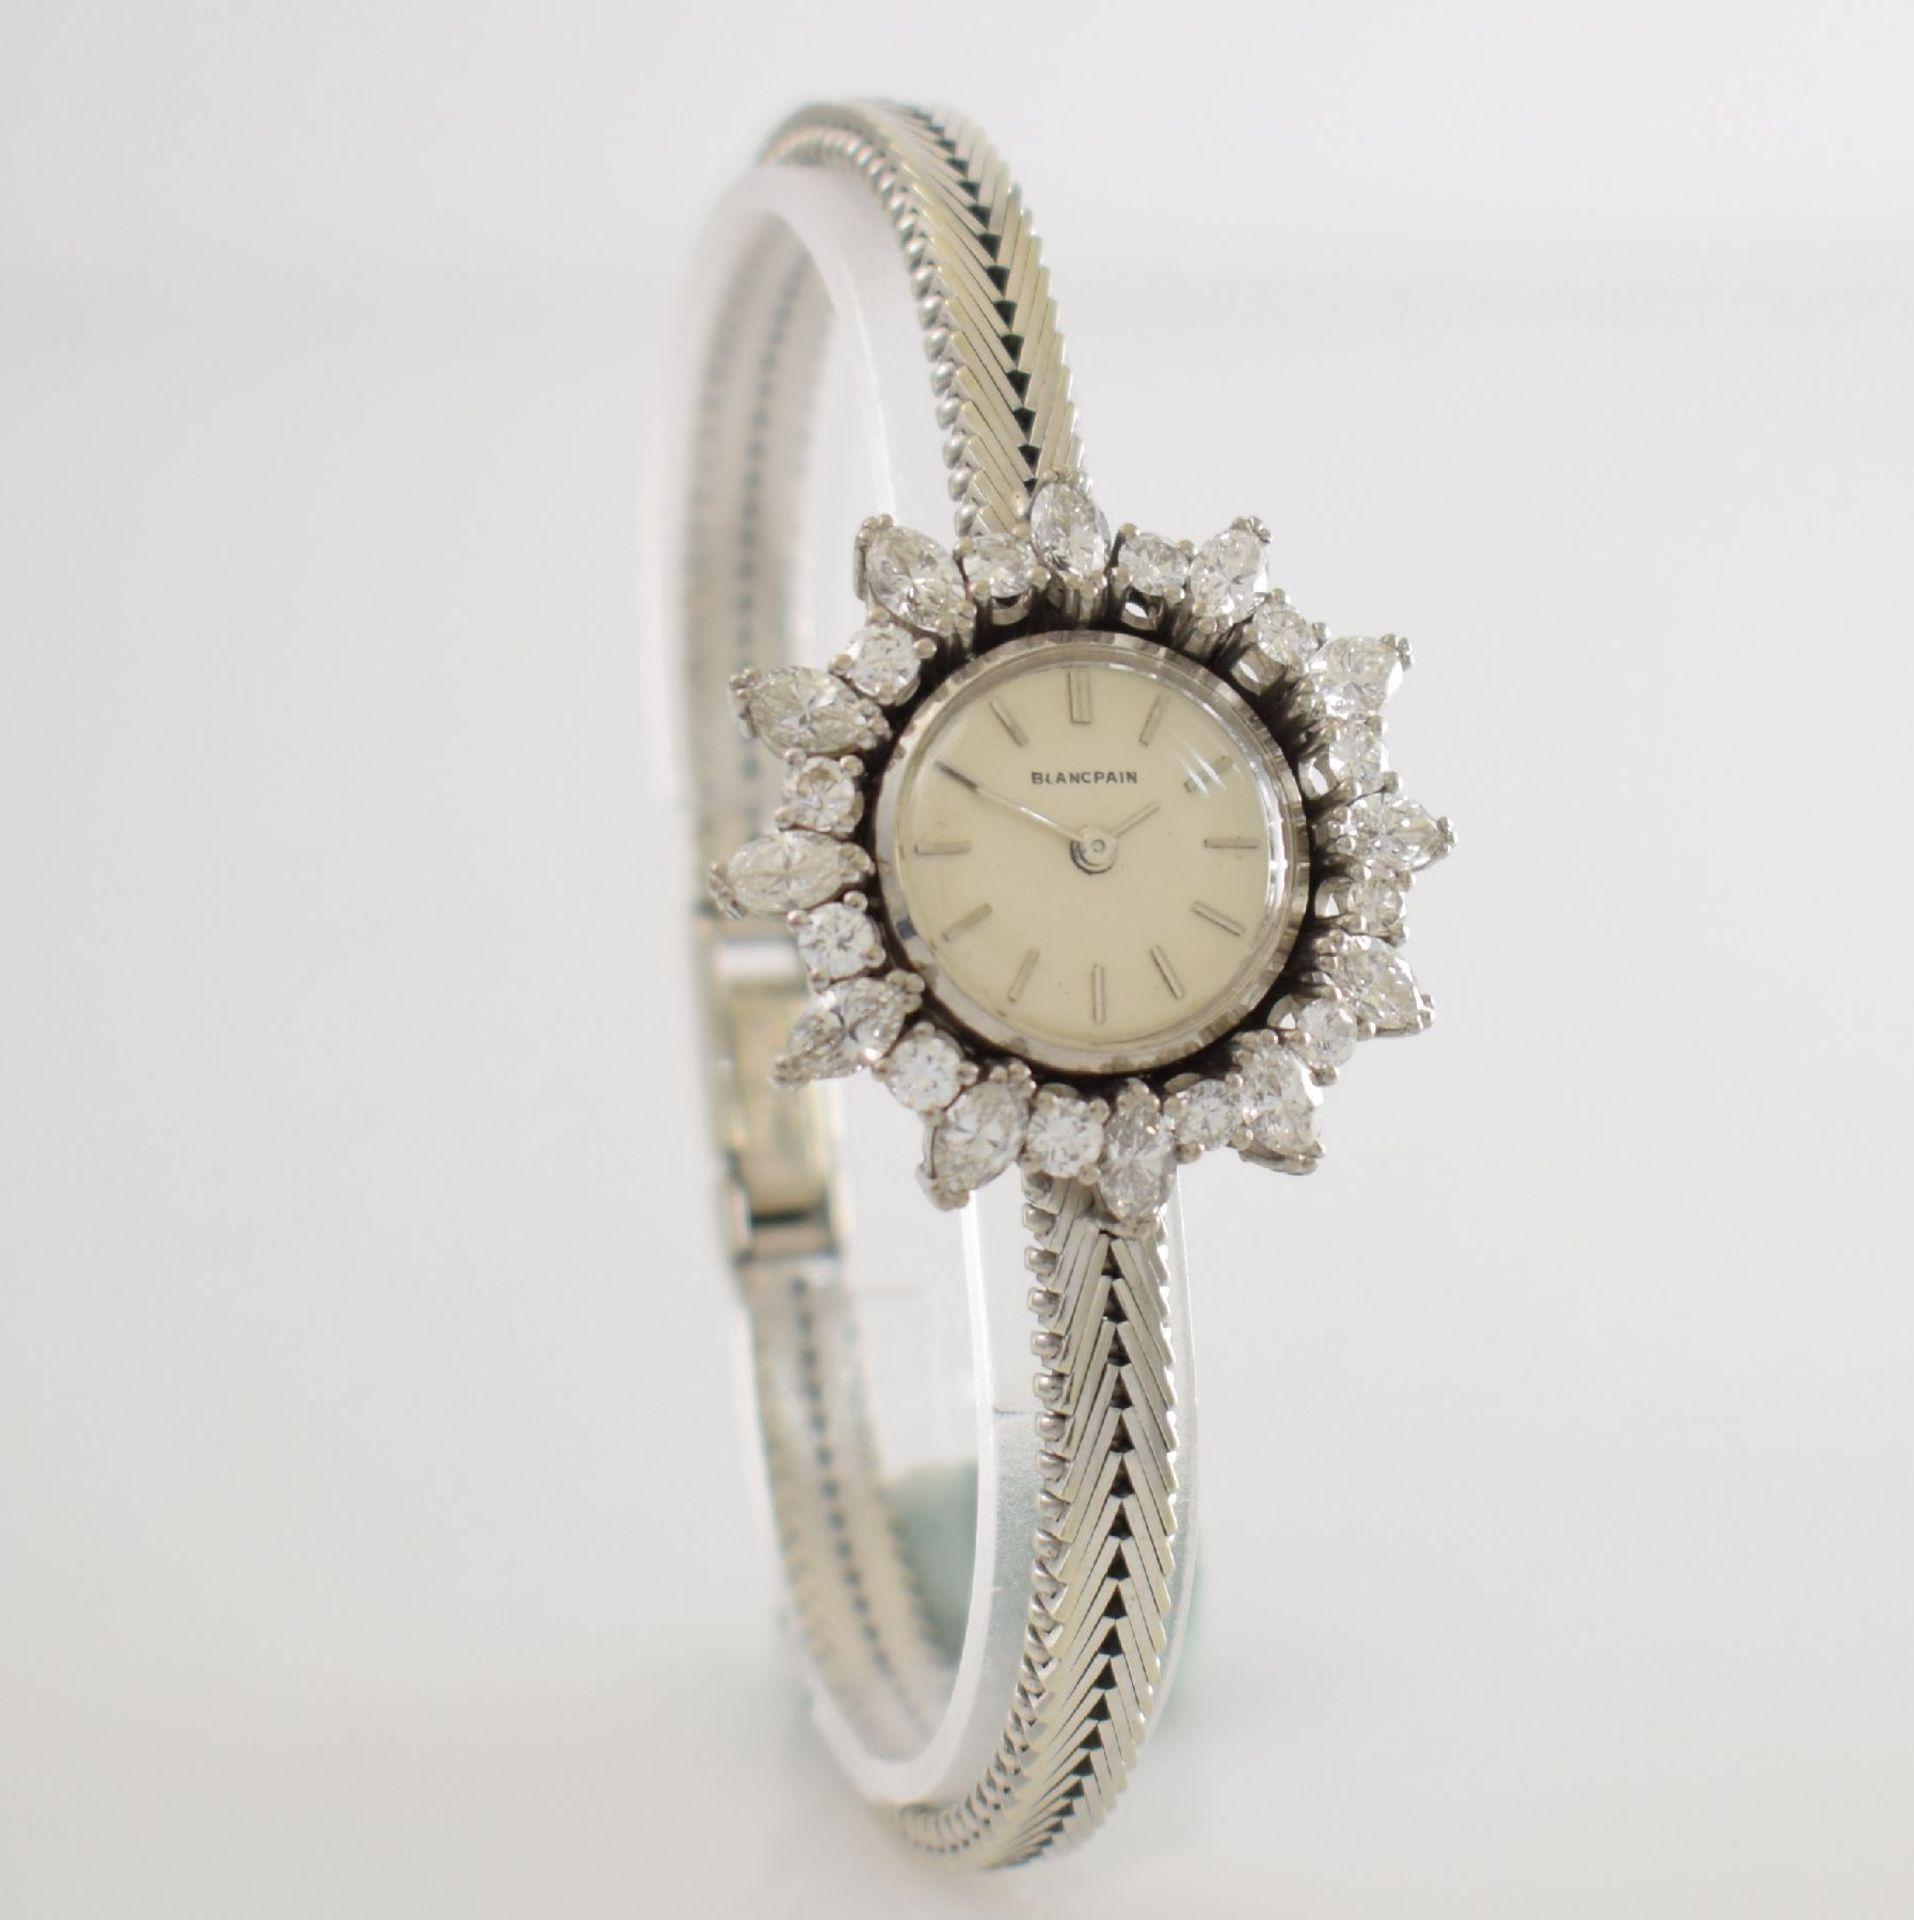 BLANCPAIN ausgefallene Damenarmbanduhr in WG 750/000 mit Diamantenbesatz zus. ca. 2,5 ct, Schweiz - Bild 5 aus 8